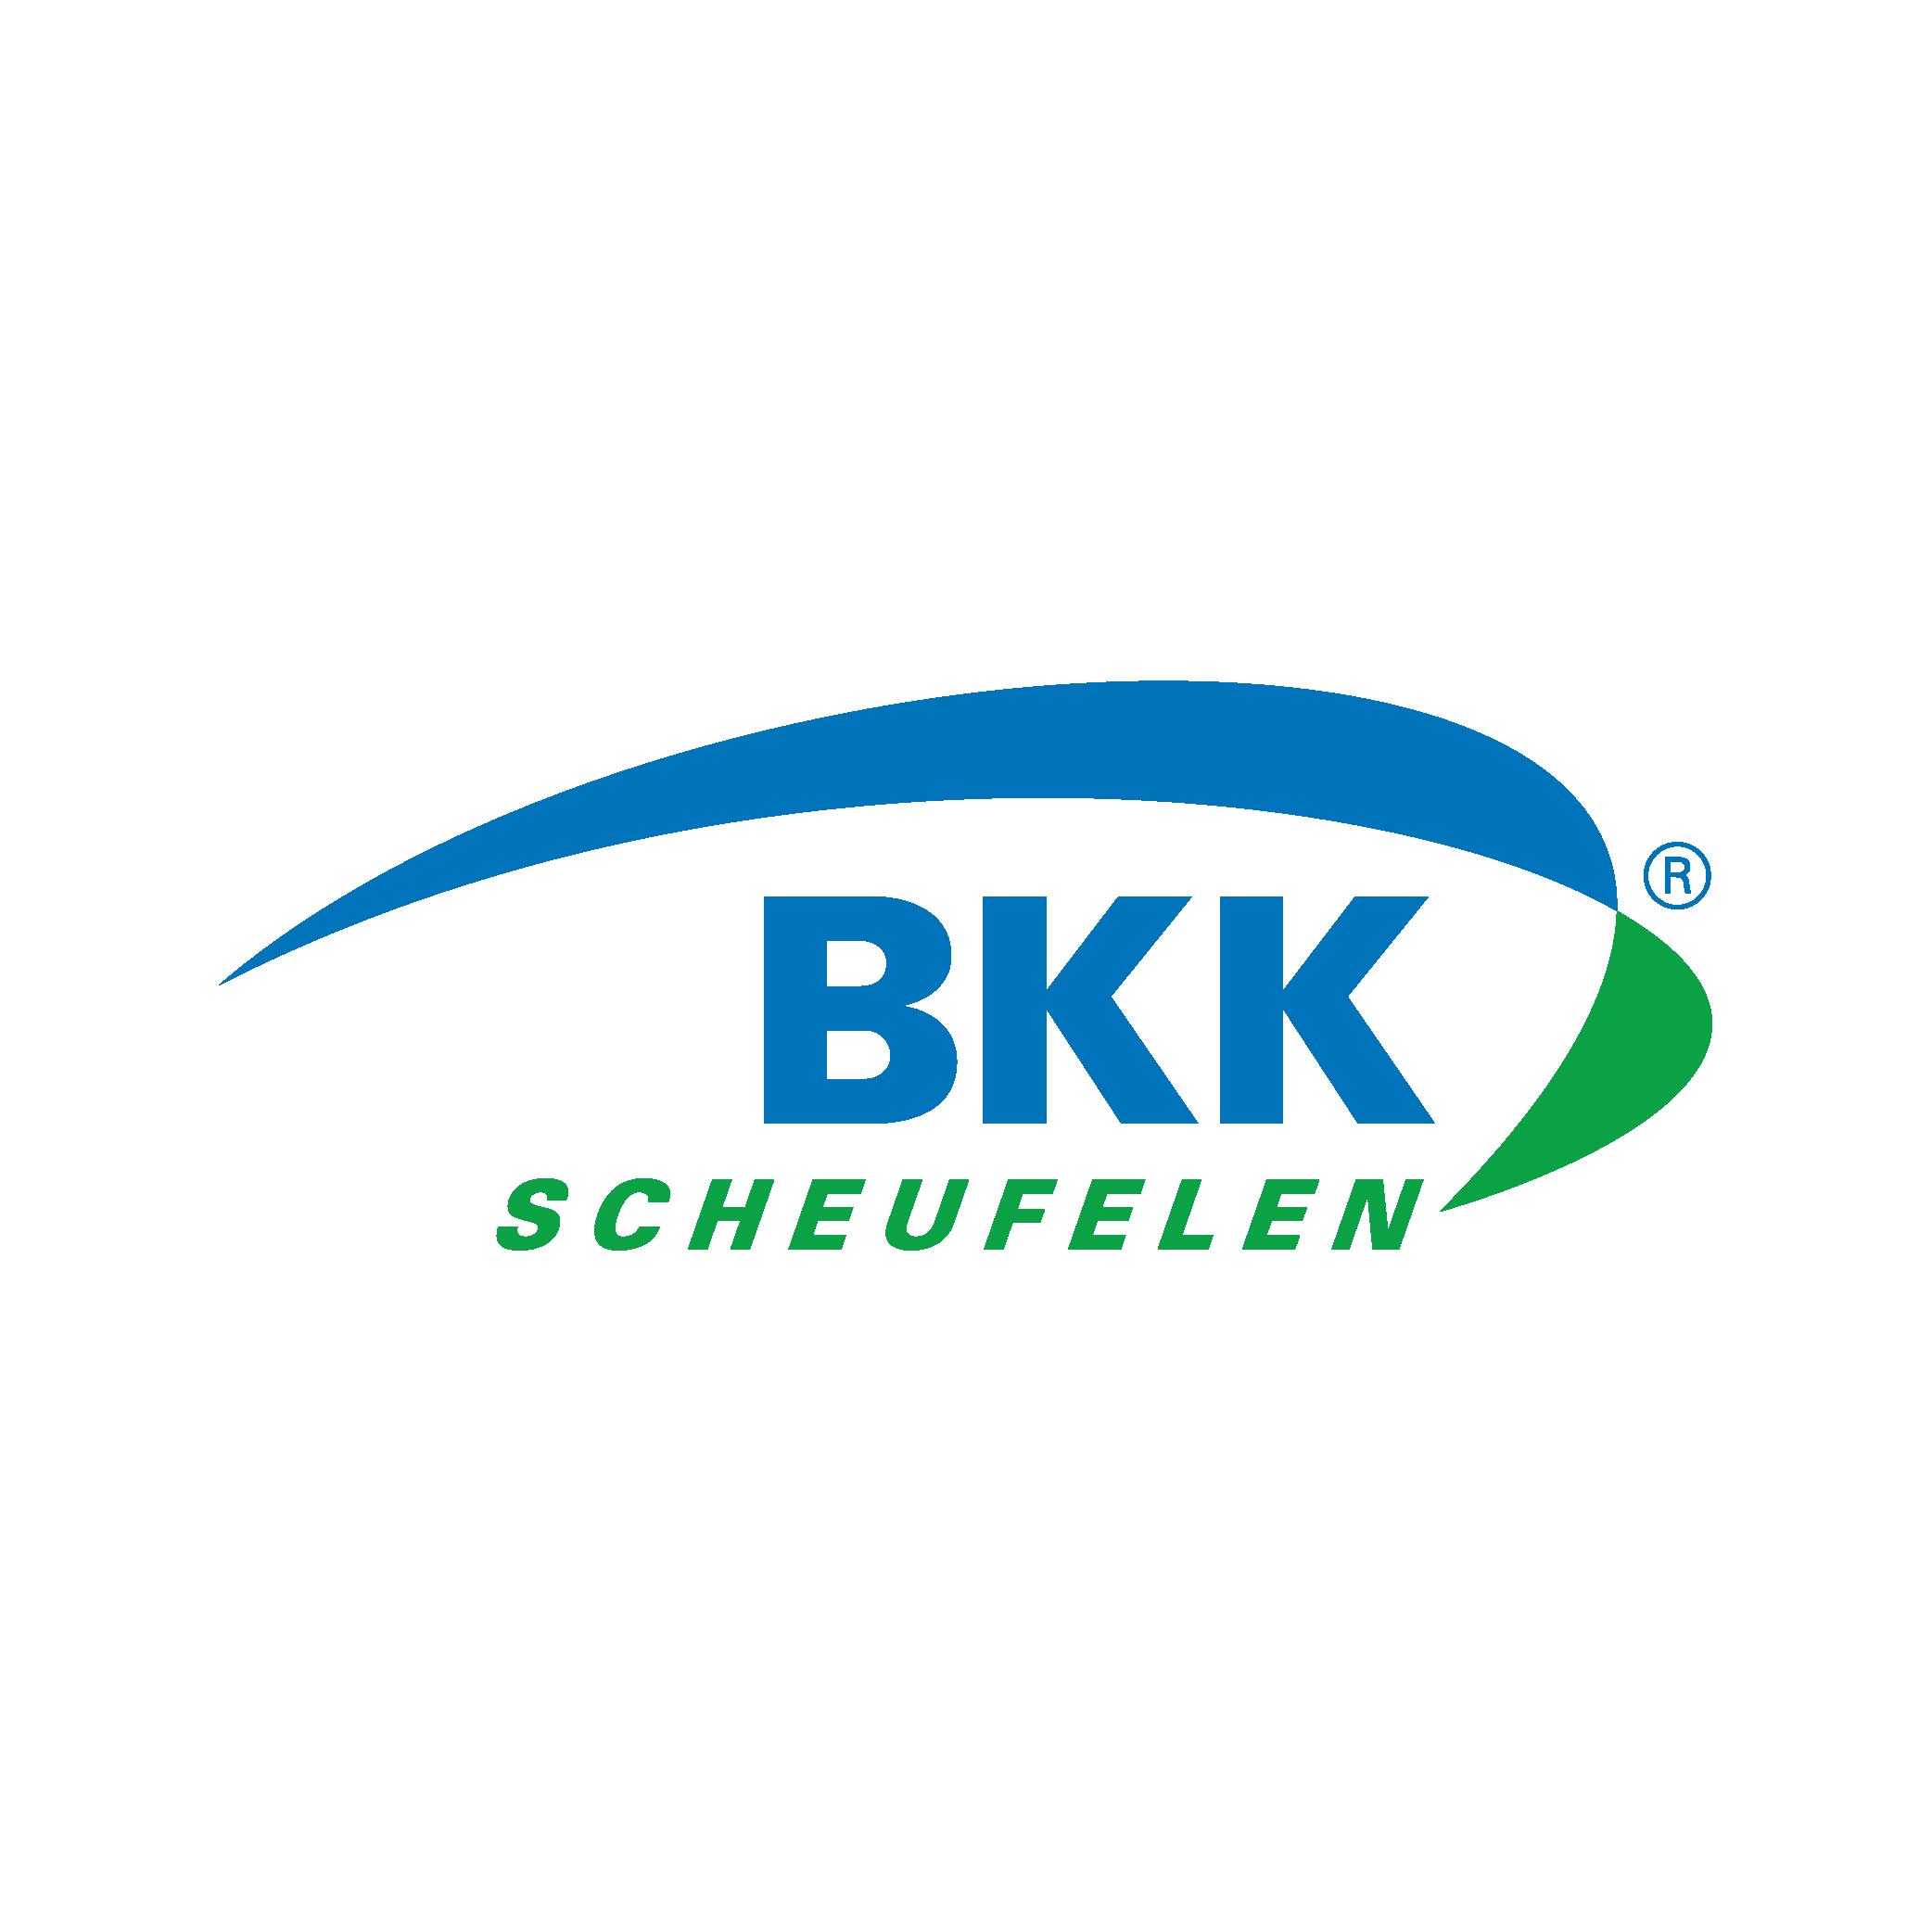 Markenzeichen der BKK Scheufelen